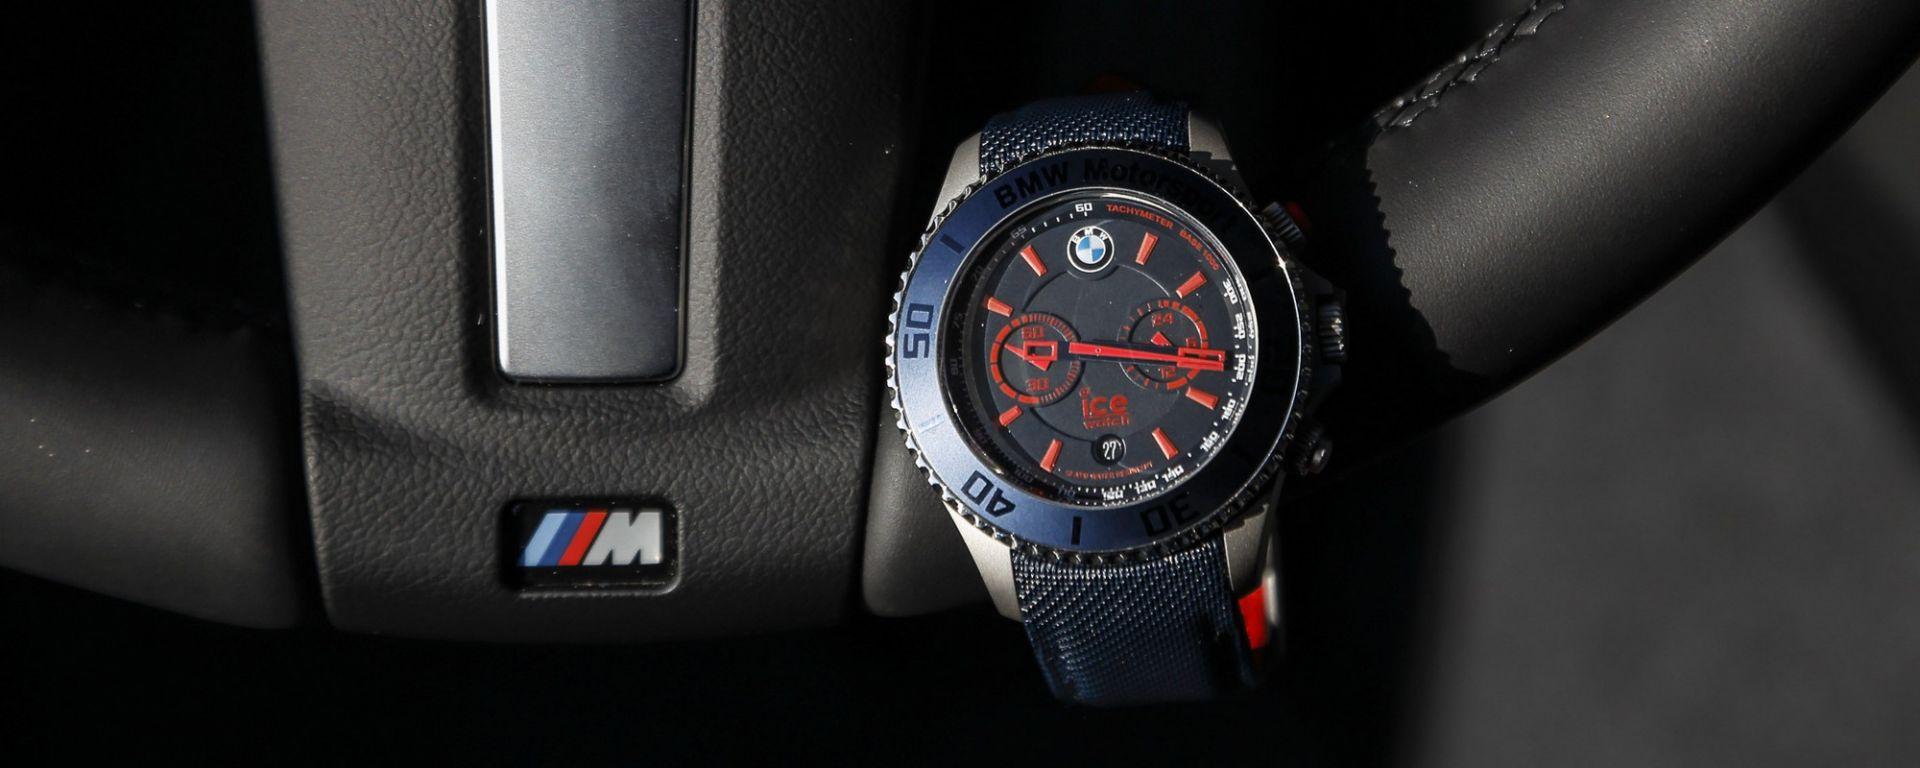 Lifestyle: Ice Watch BMW Motorsport - MotorBox